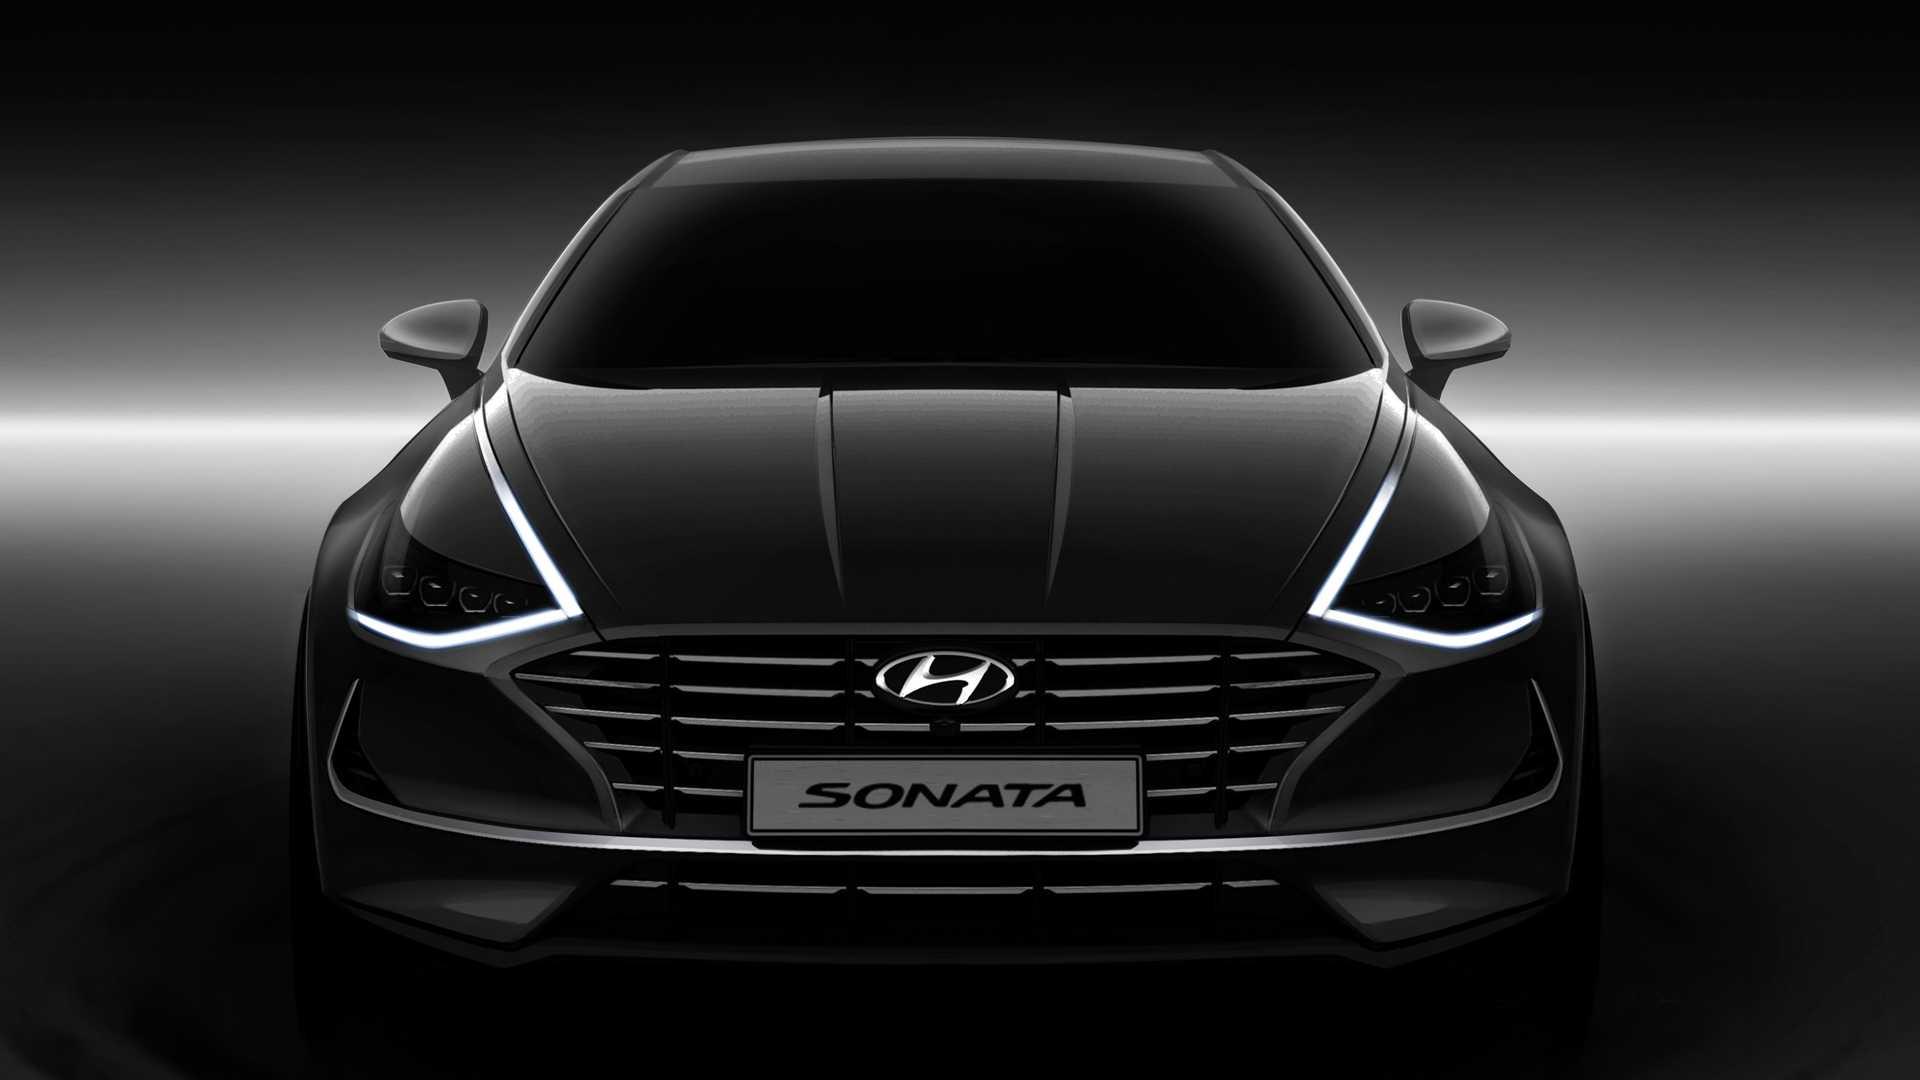 2020-hyundai-sonata (4).jpg